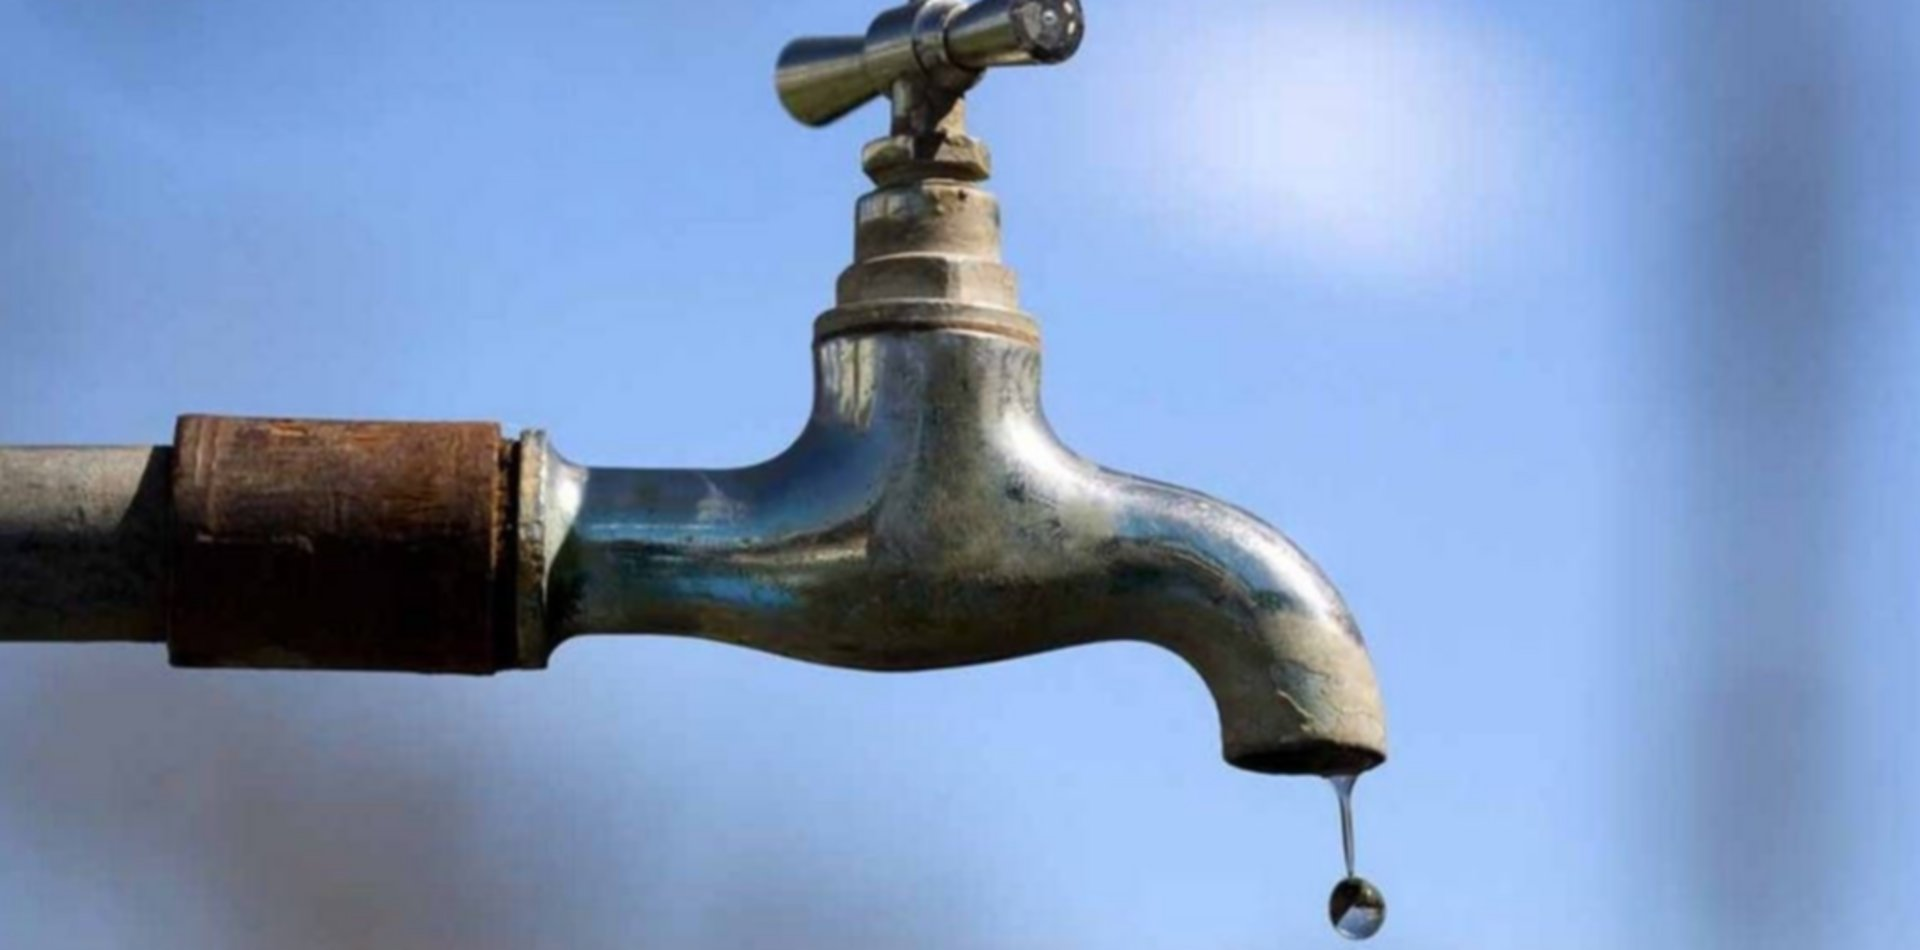 ¿Por qué falta y hay problemas con el agua en gran parte de La Plata, Berisso y Ensenada?